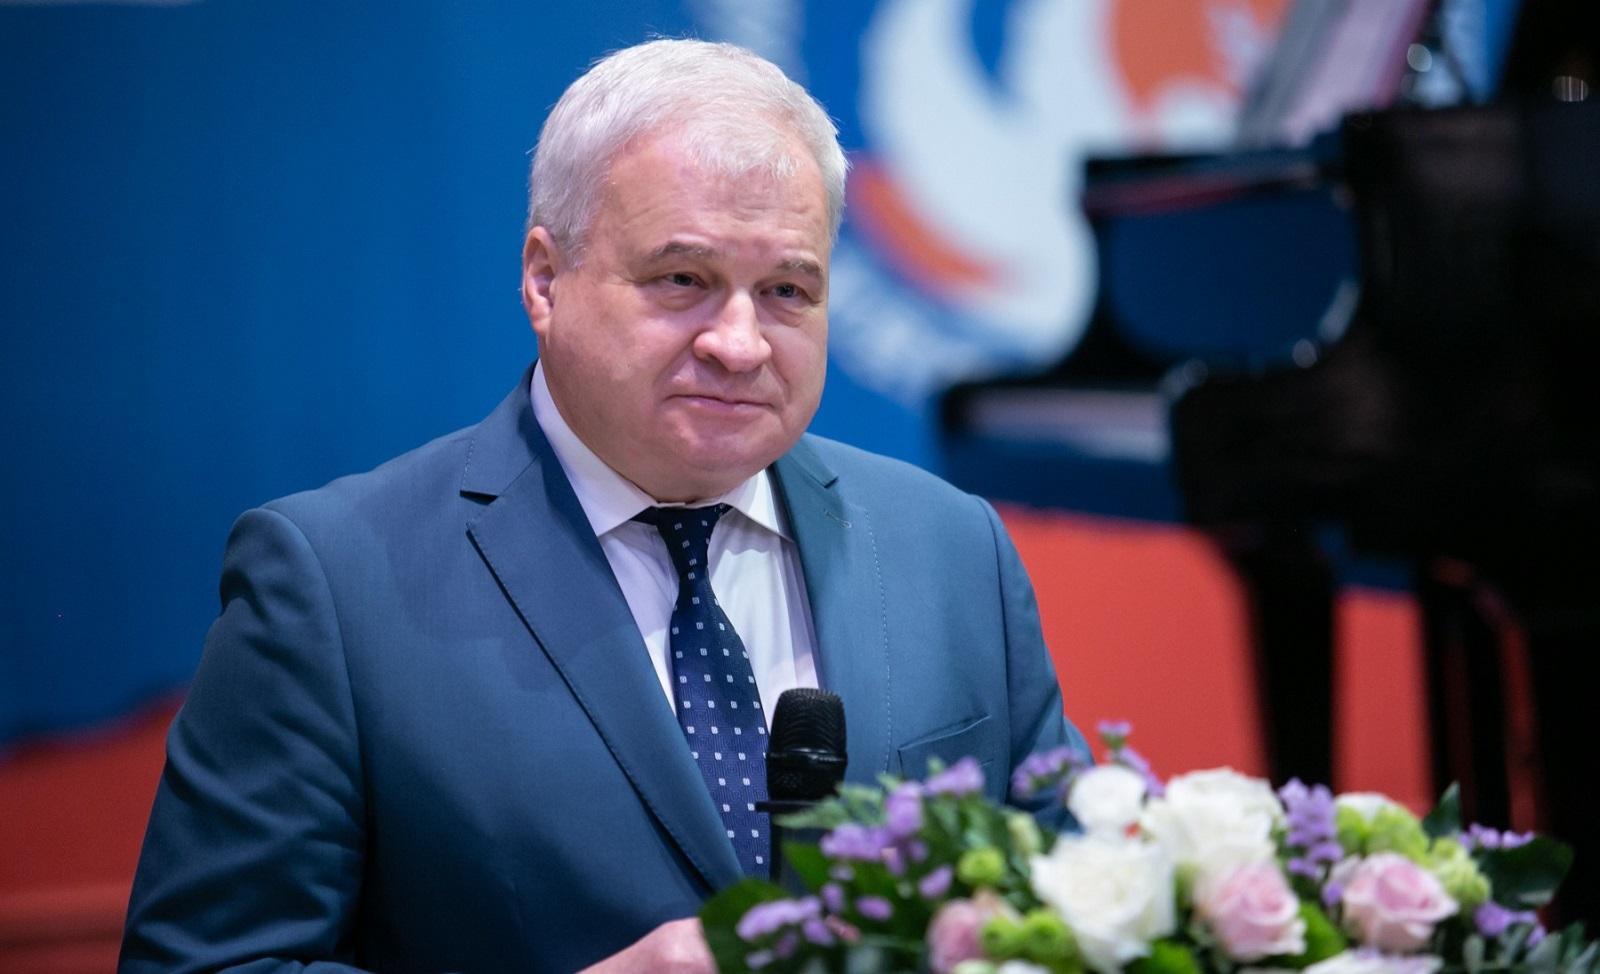 俄罗斯驻华大使杰尼索夫接受俄媒专访并探讨了中俄关系发展若干问题插图2-小狮座俄罗斯留学